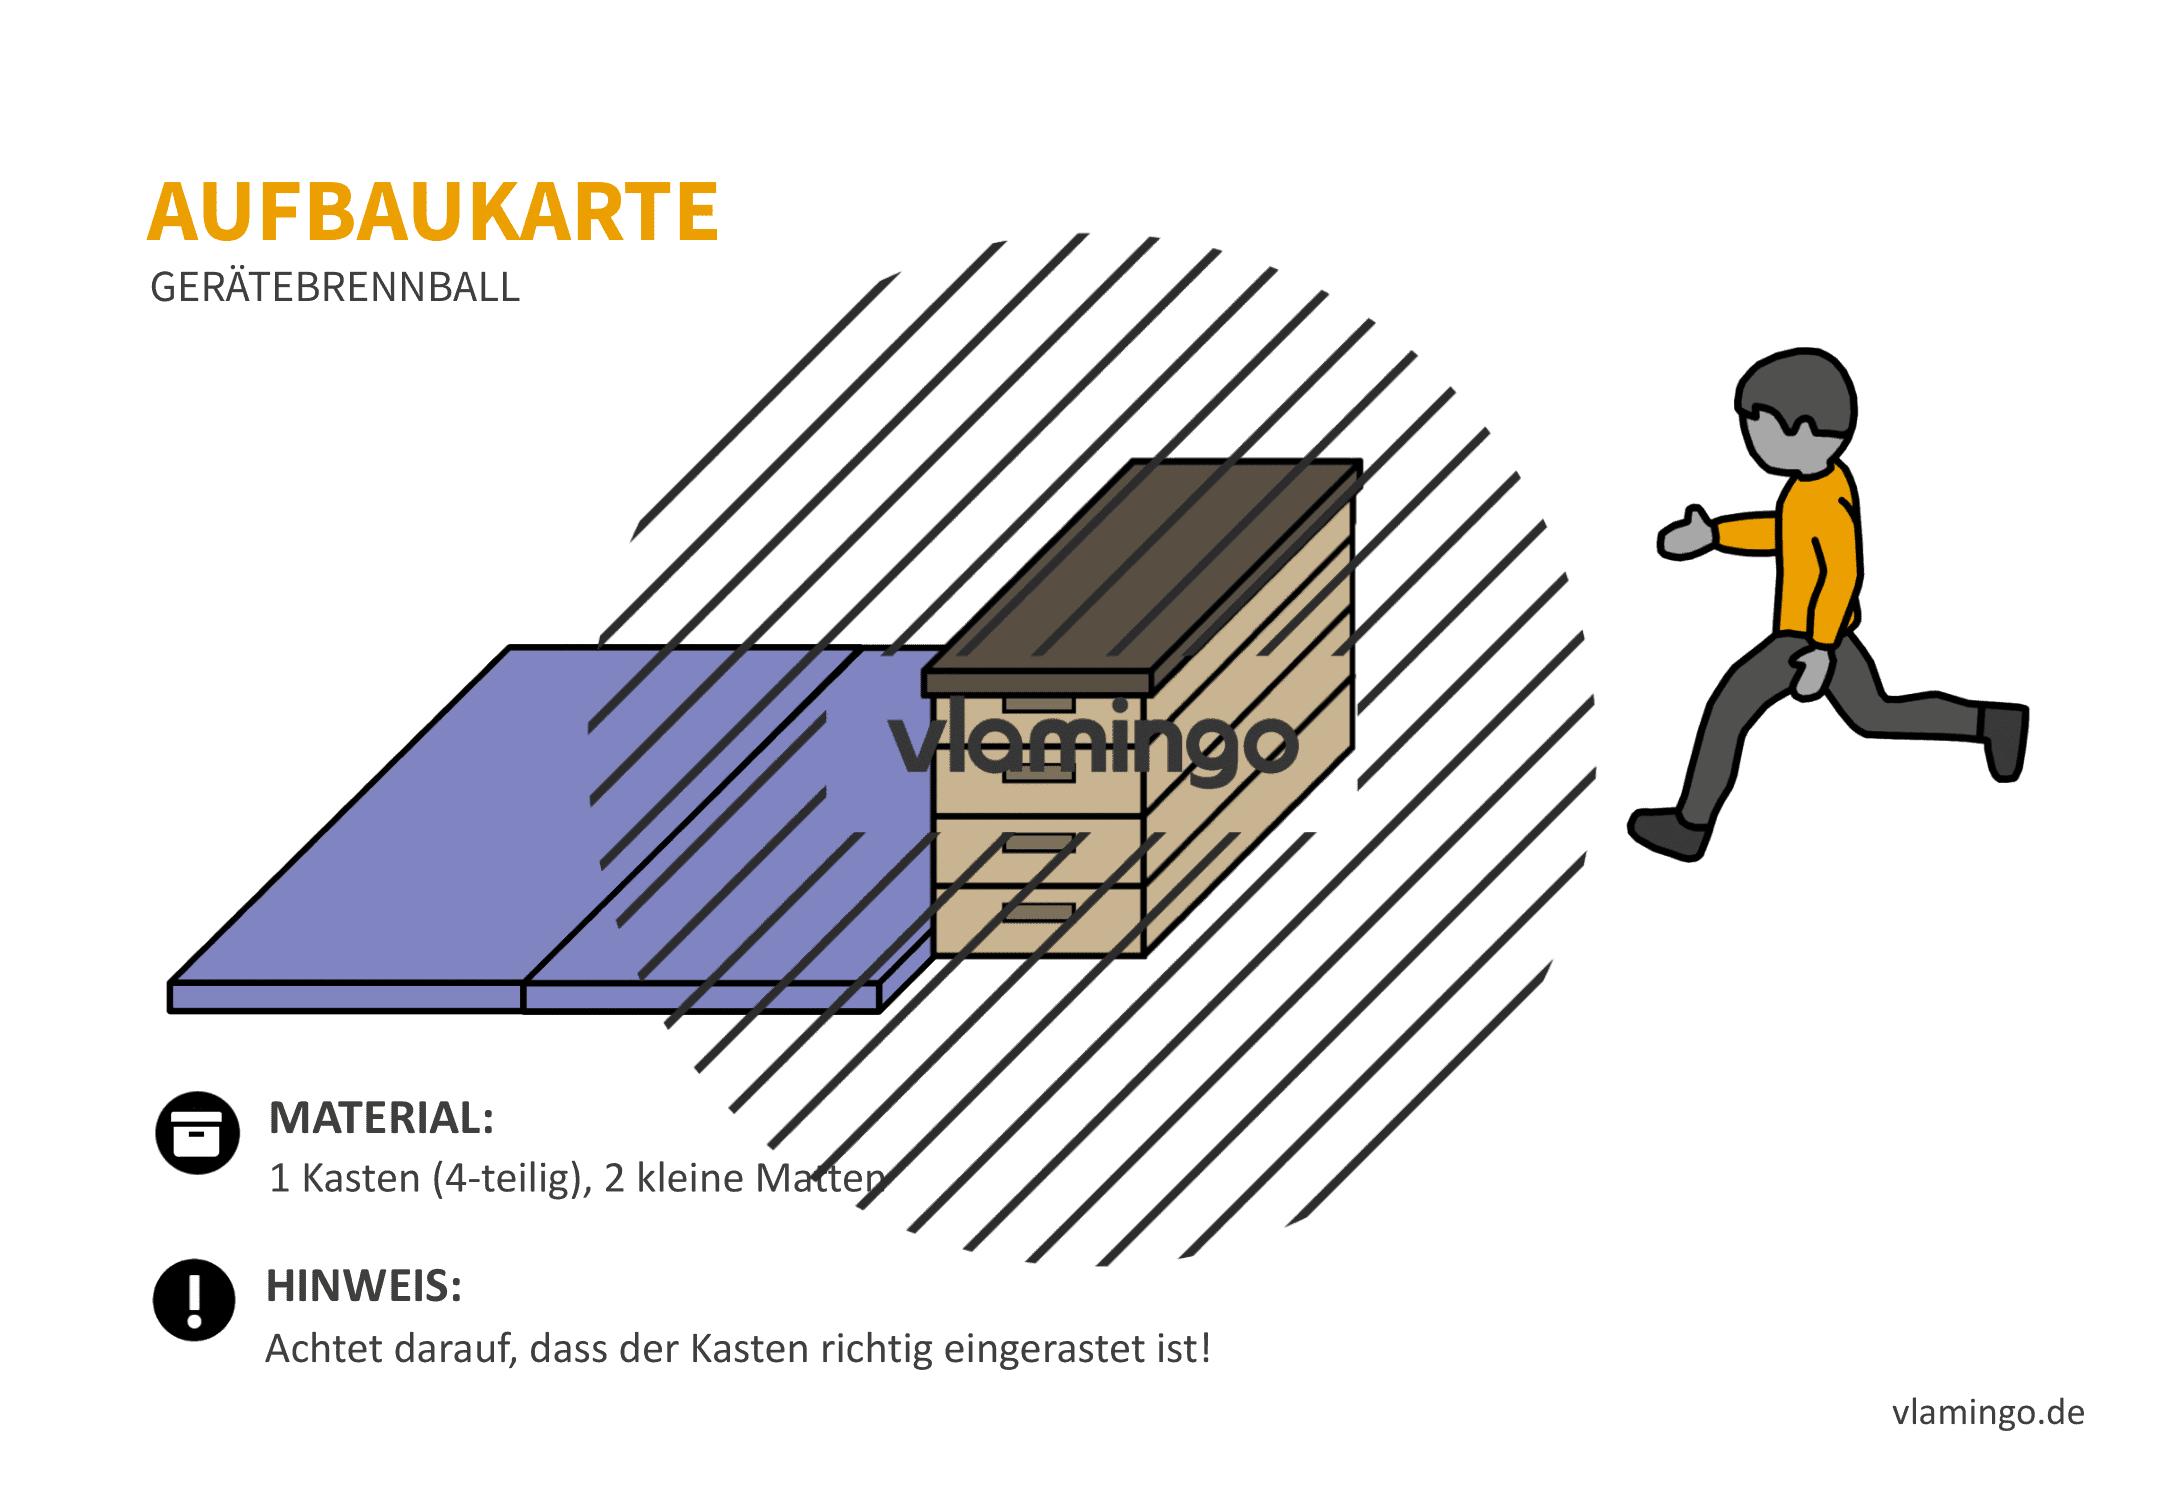 Gerätebrennball - Aufbaukarte 4